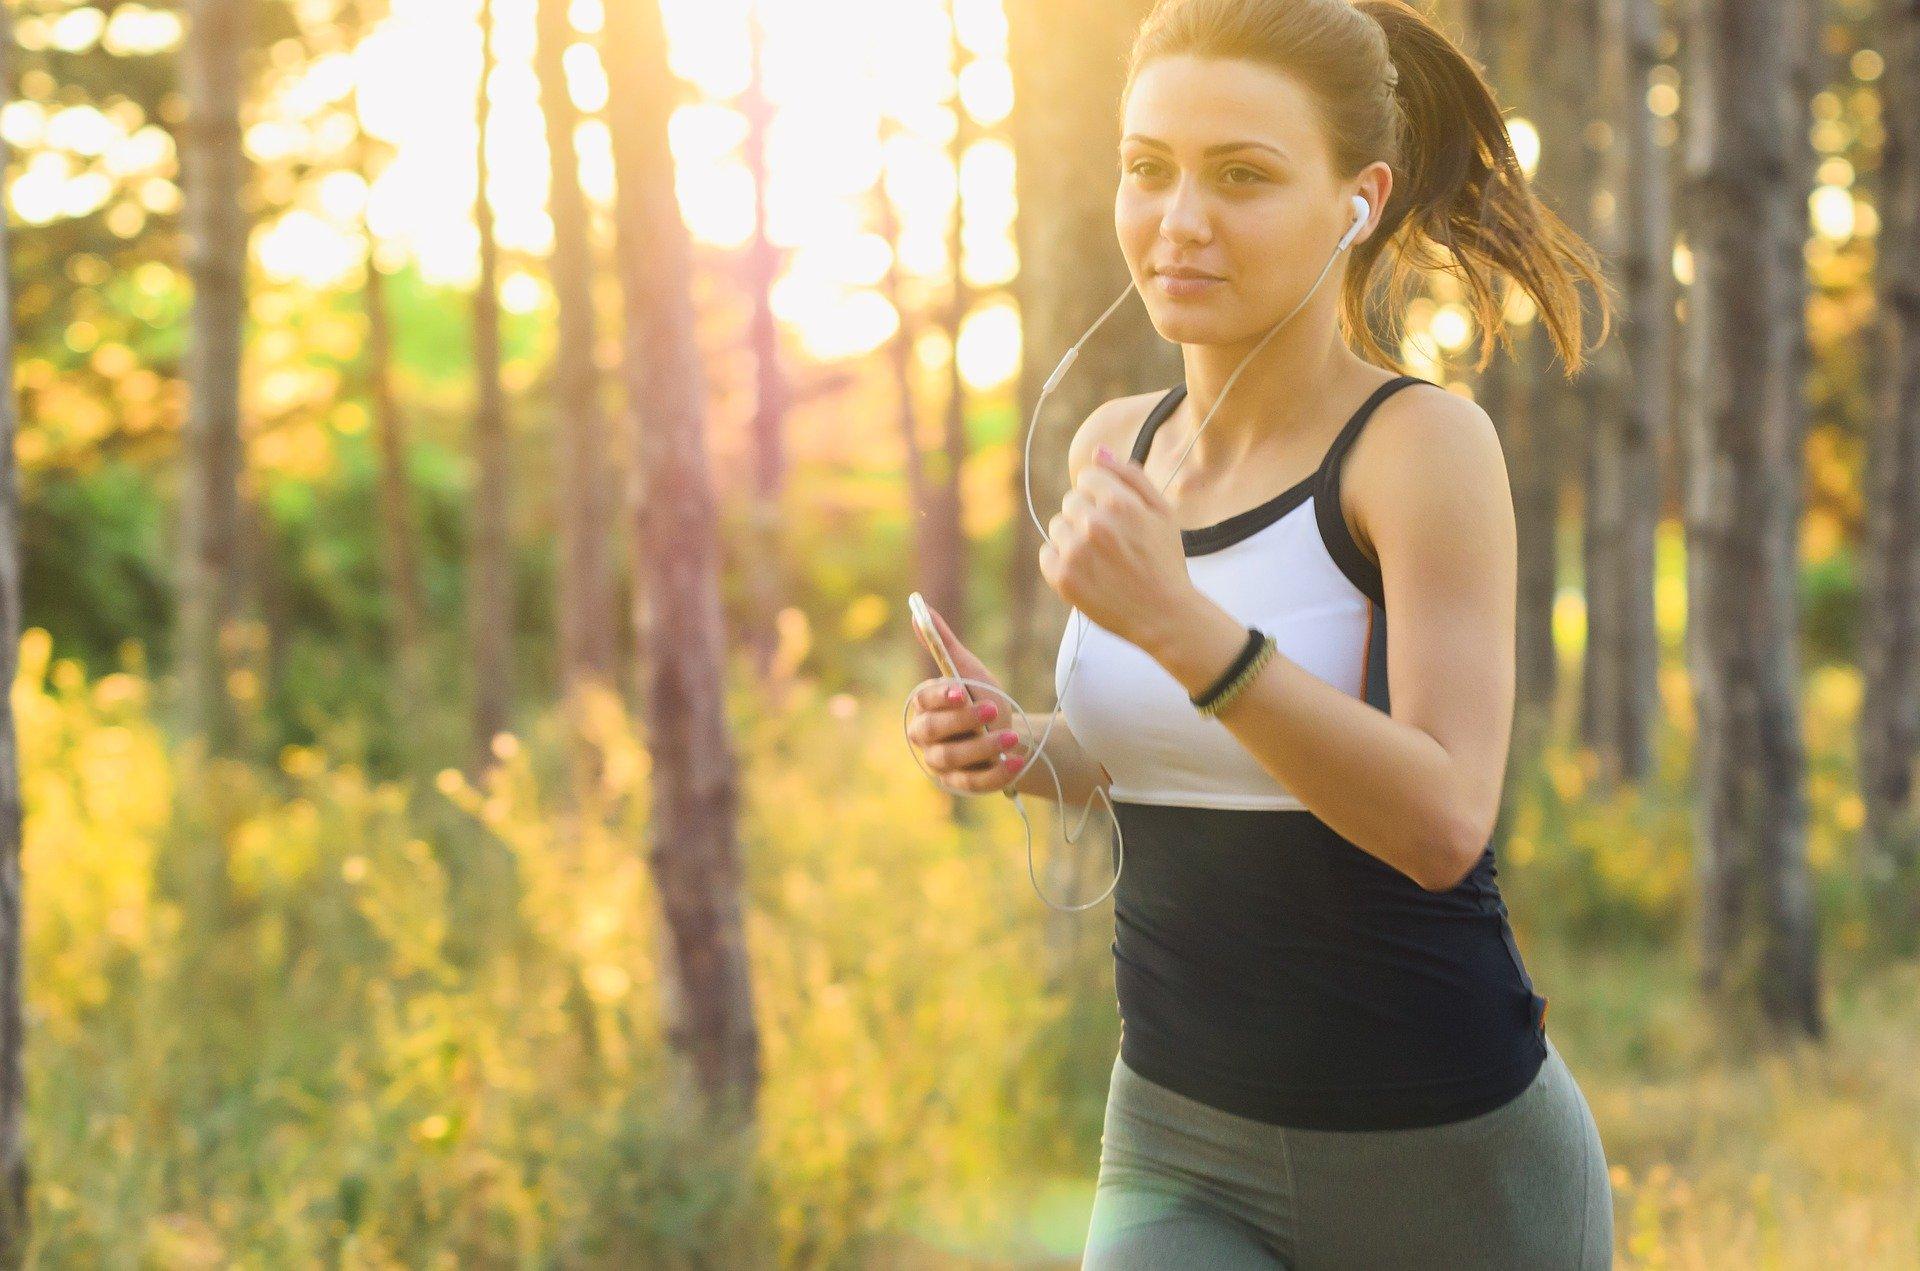 Comment combiner musculation et Hiit ?